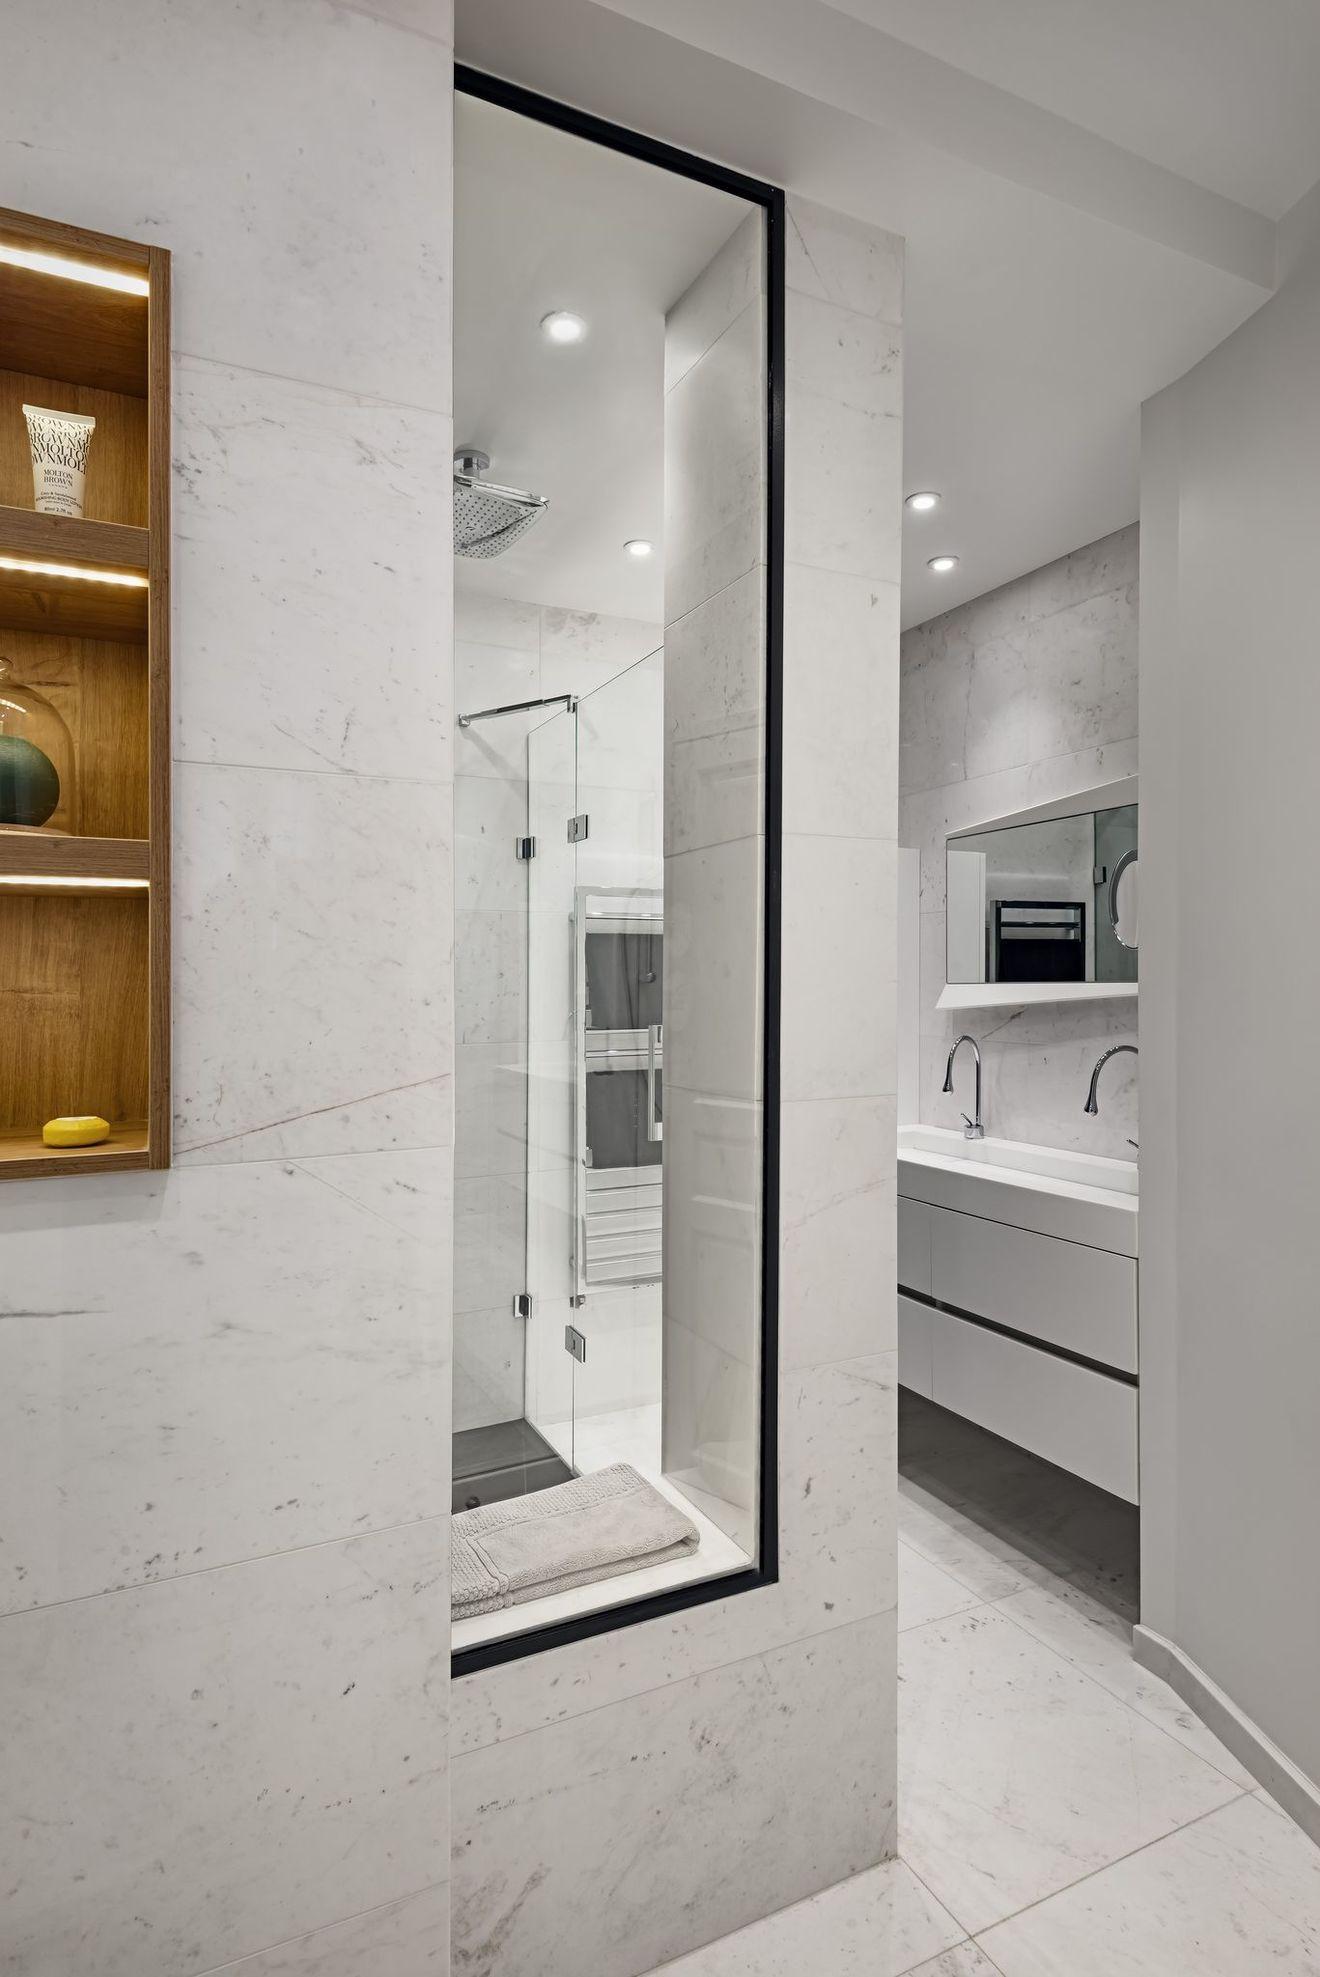 Salle de bain sans fenetre, sombre : solutions pour plus de